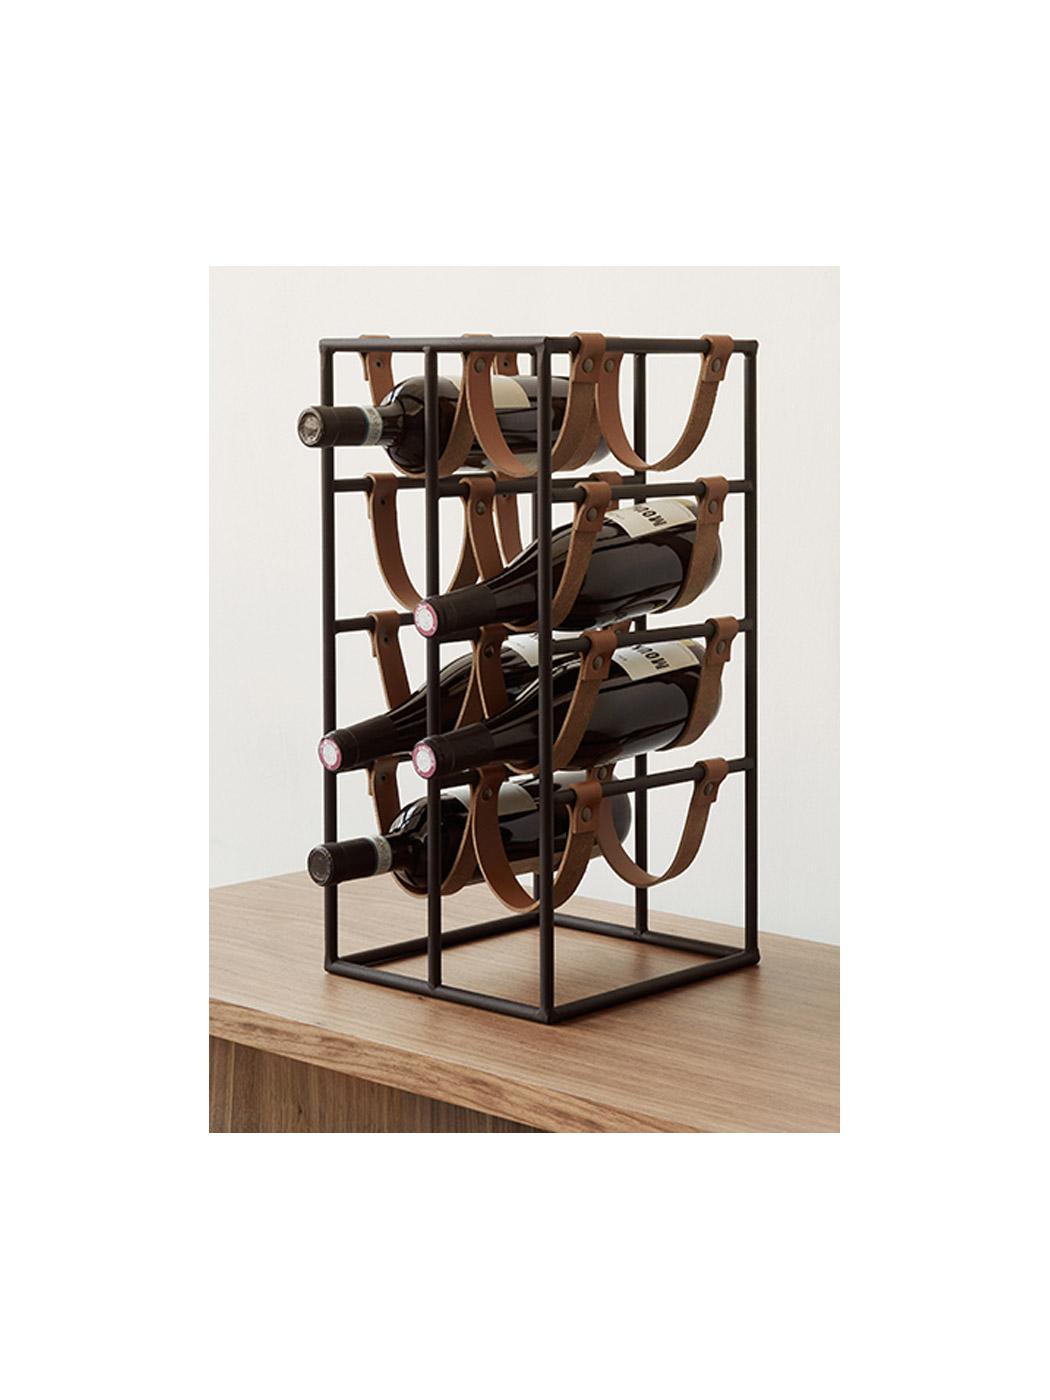 umanoff wine rack menu display side cropped